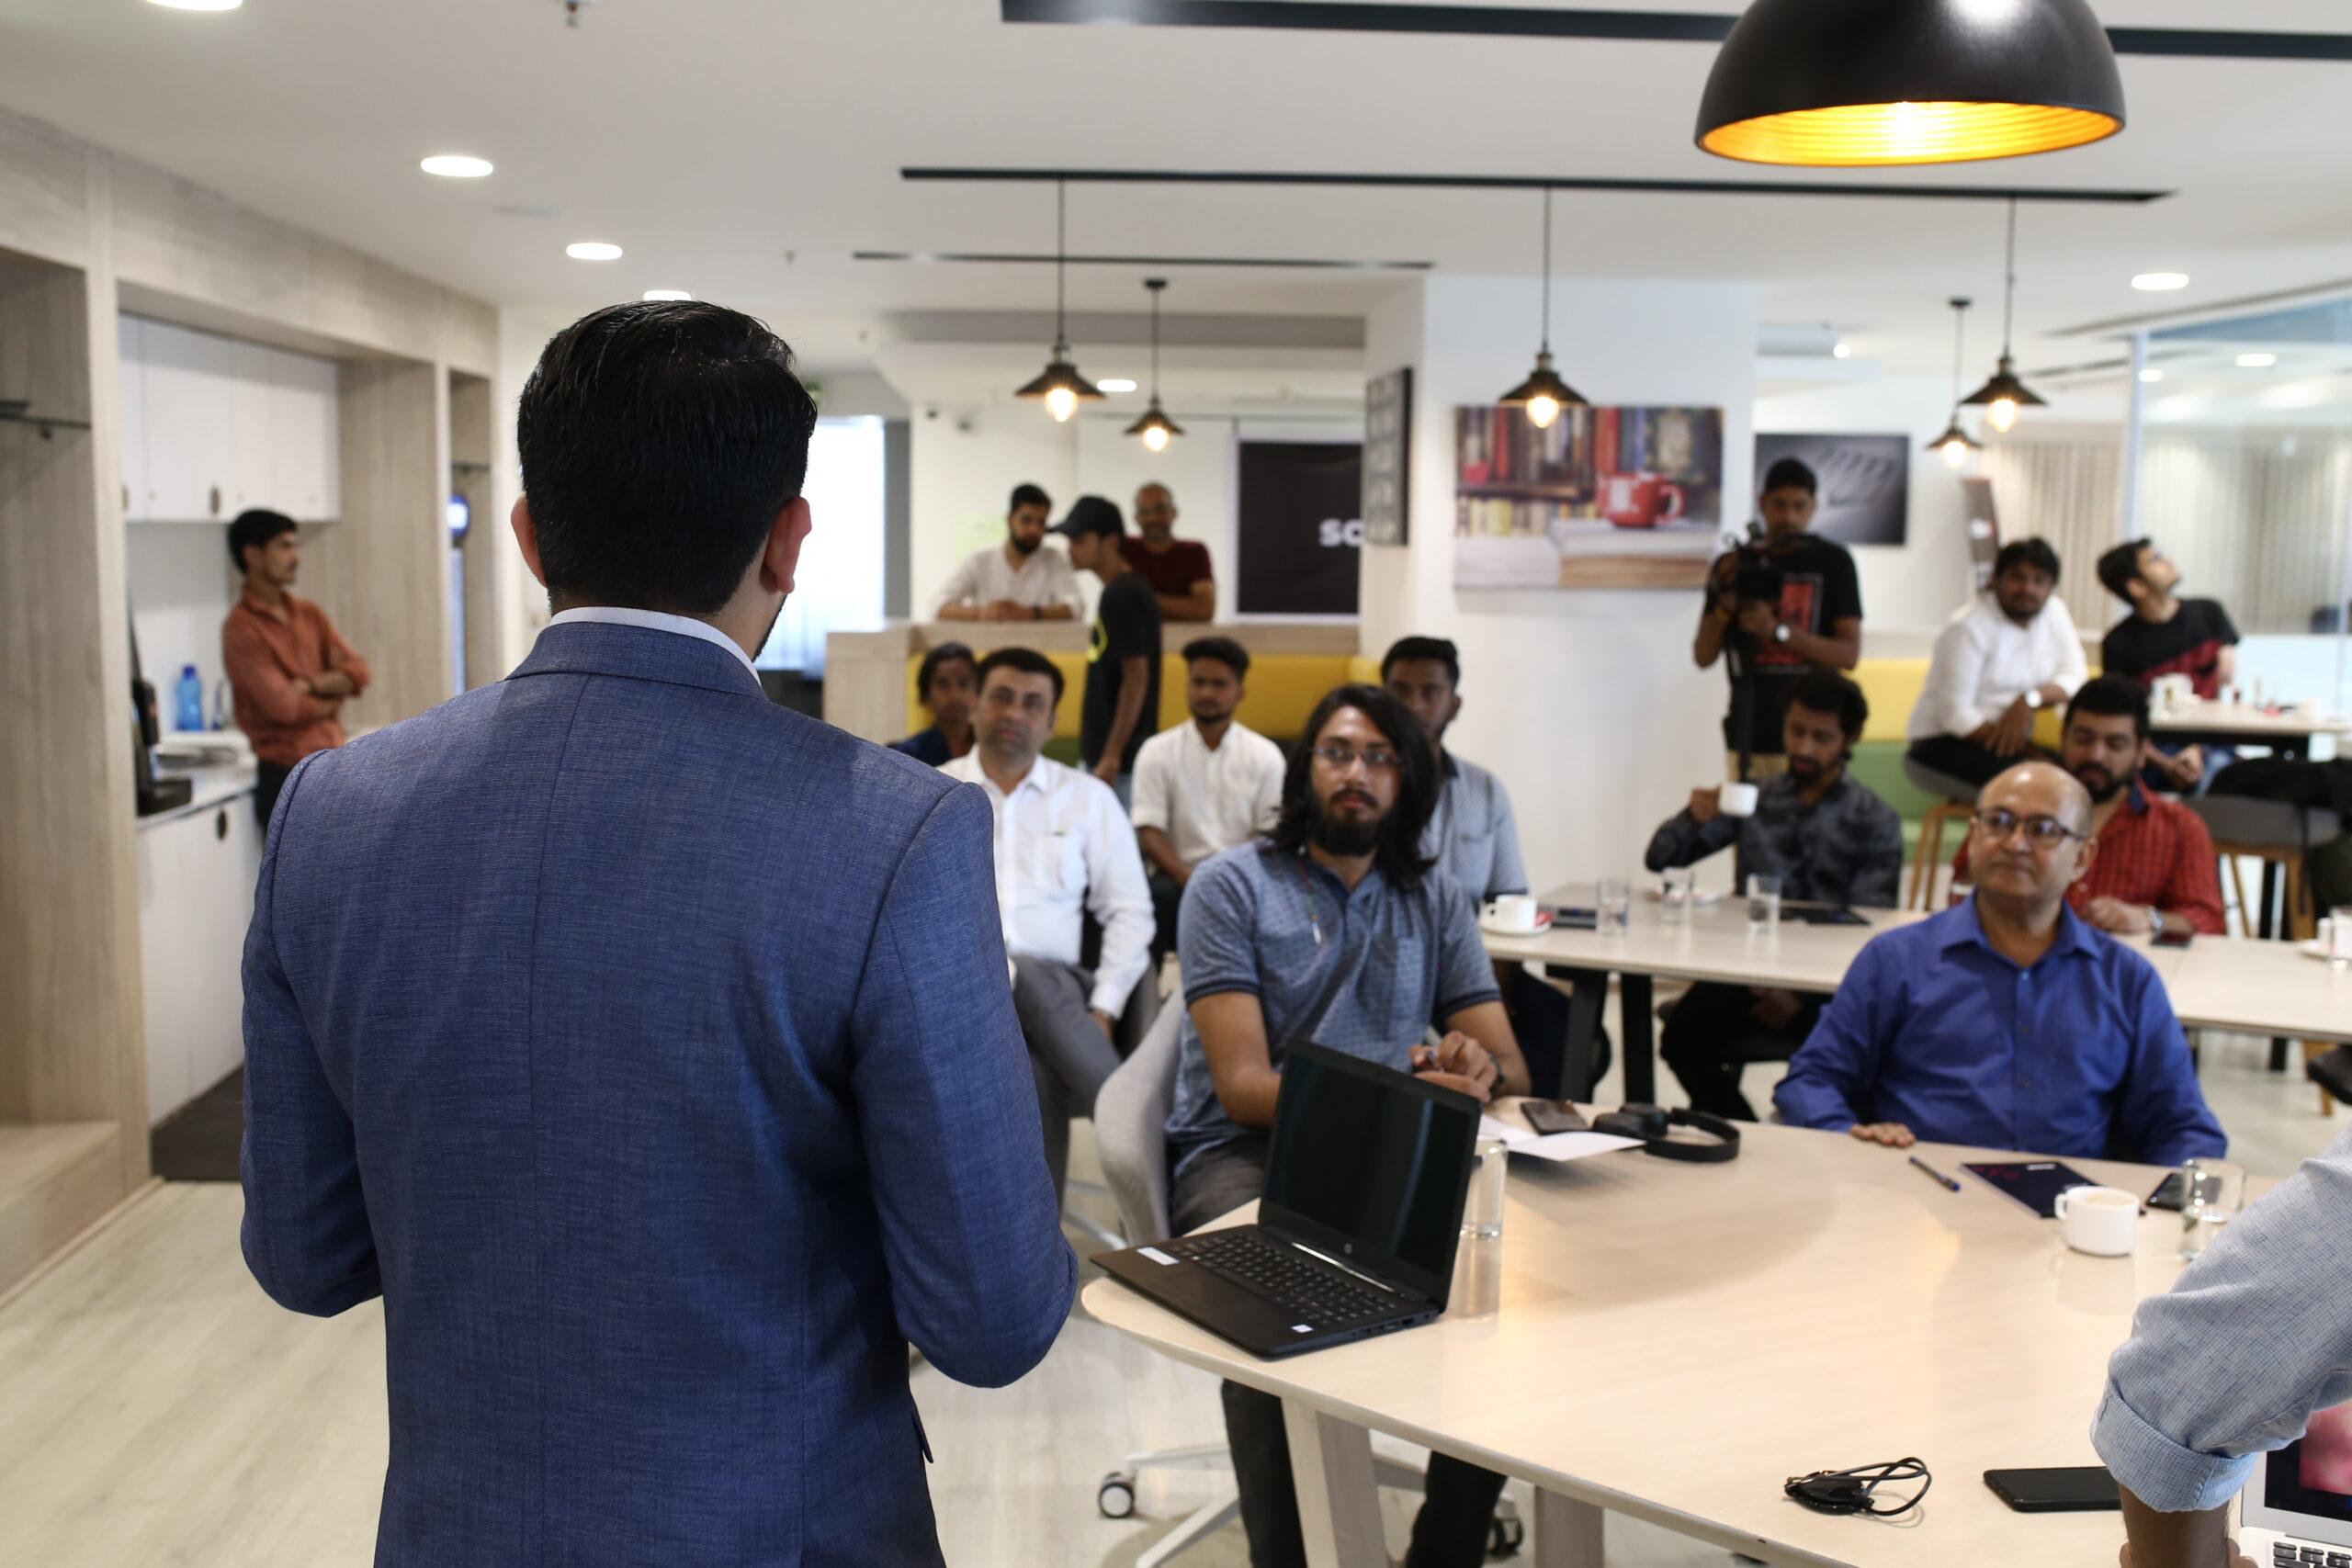 Mayank Batra - Get Digital With Mayank - Startup Mentor